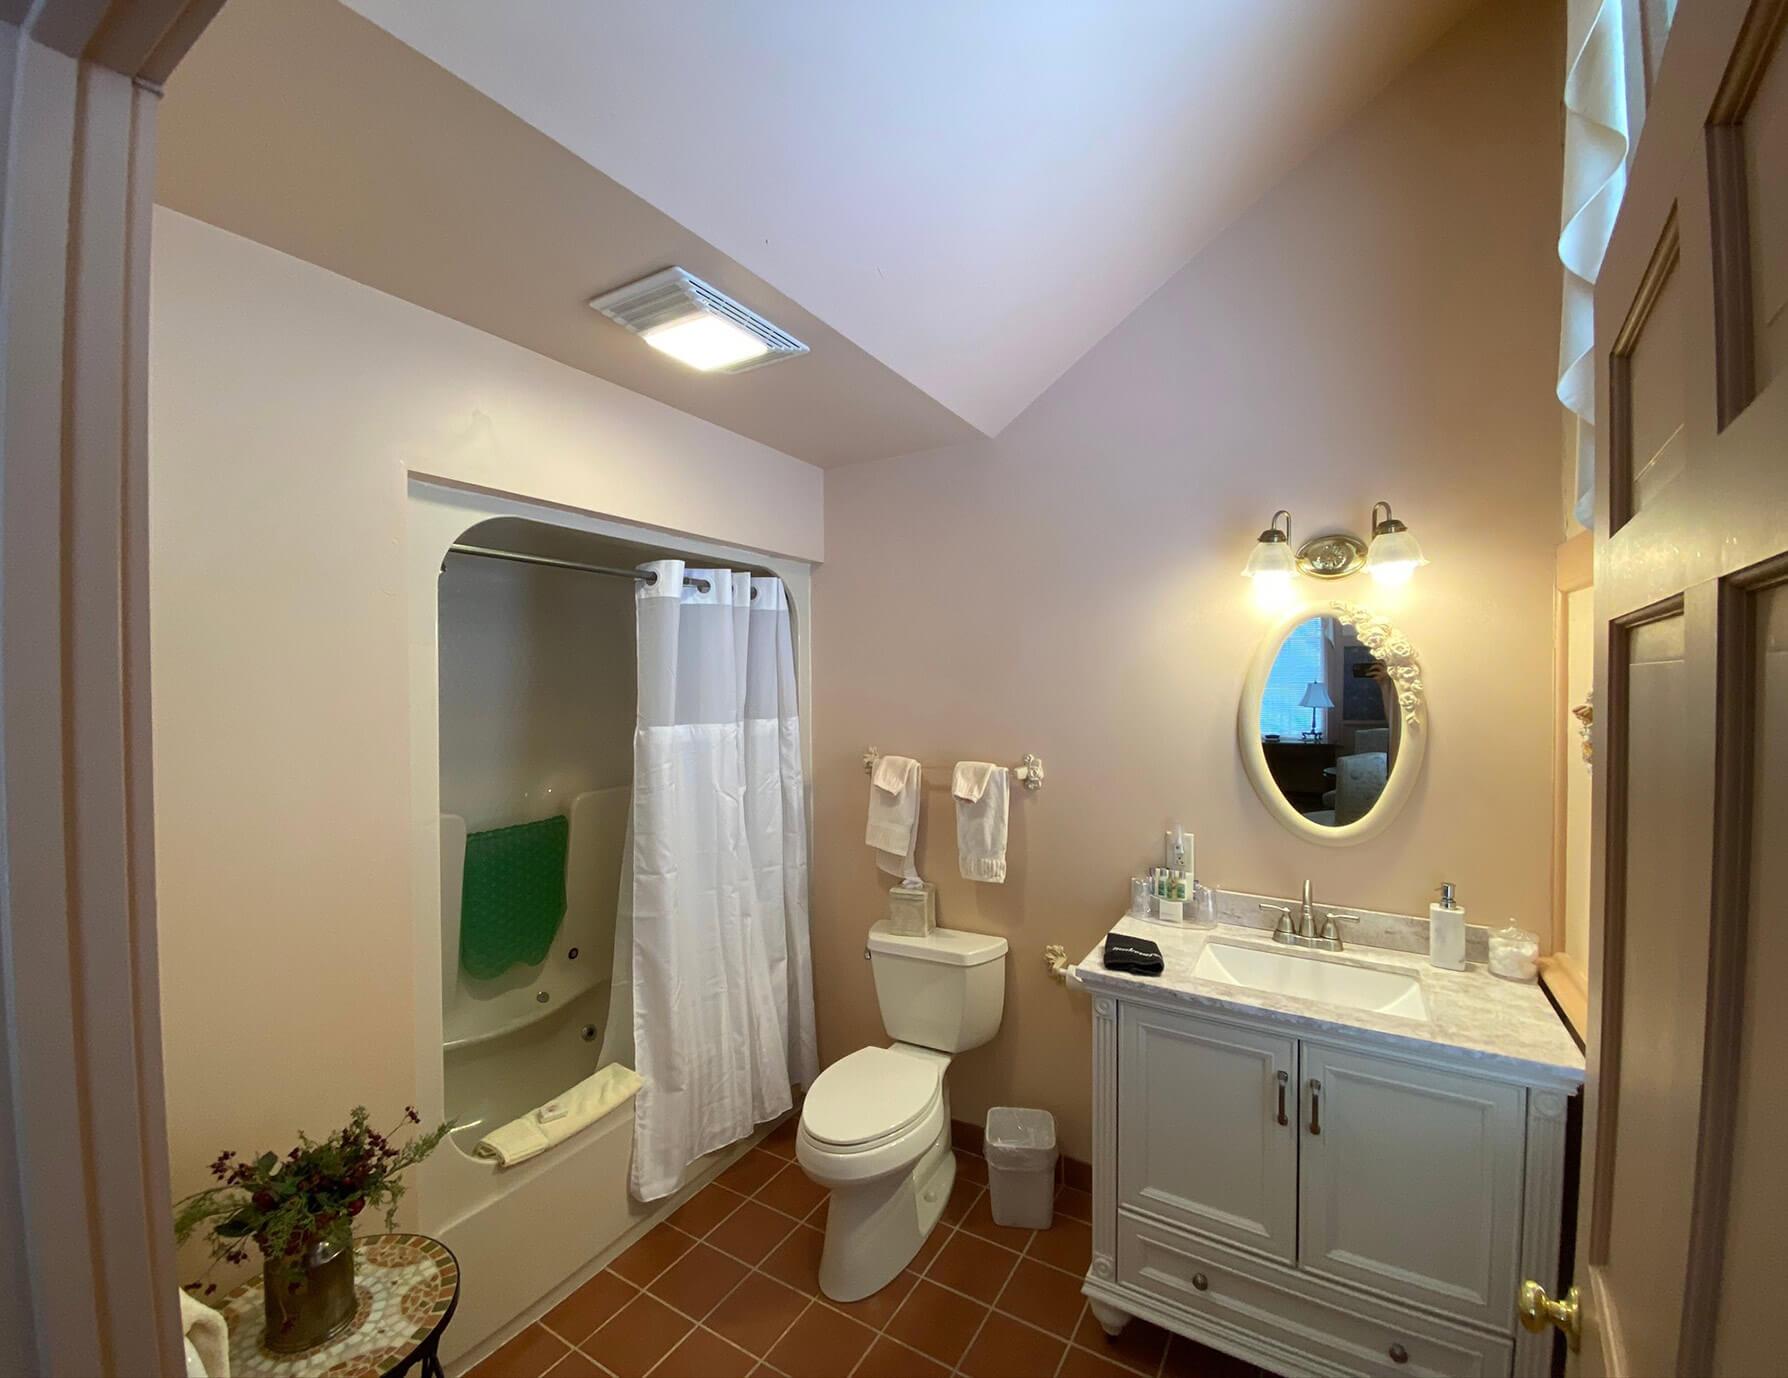 Le Lycee room bathroom - Tanglewood Inn